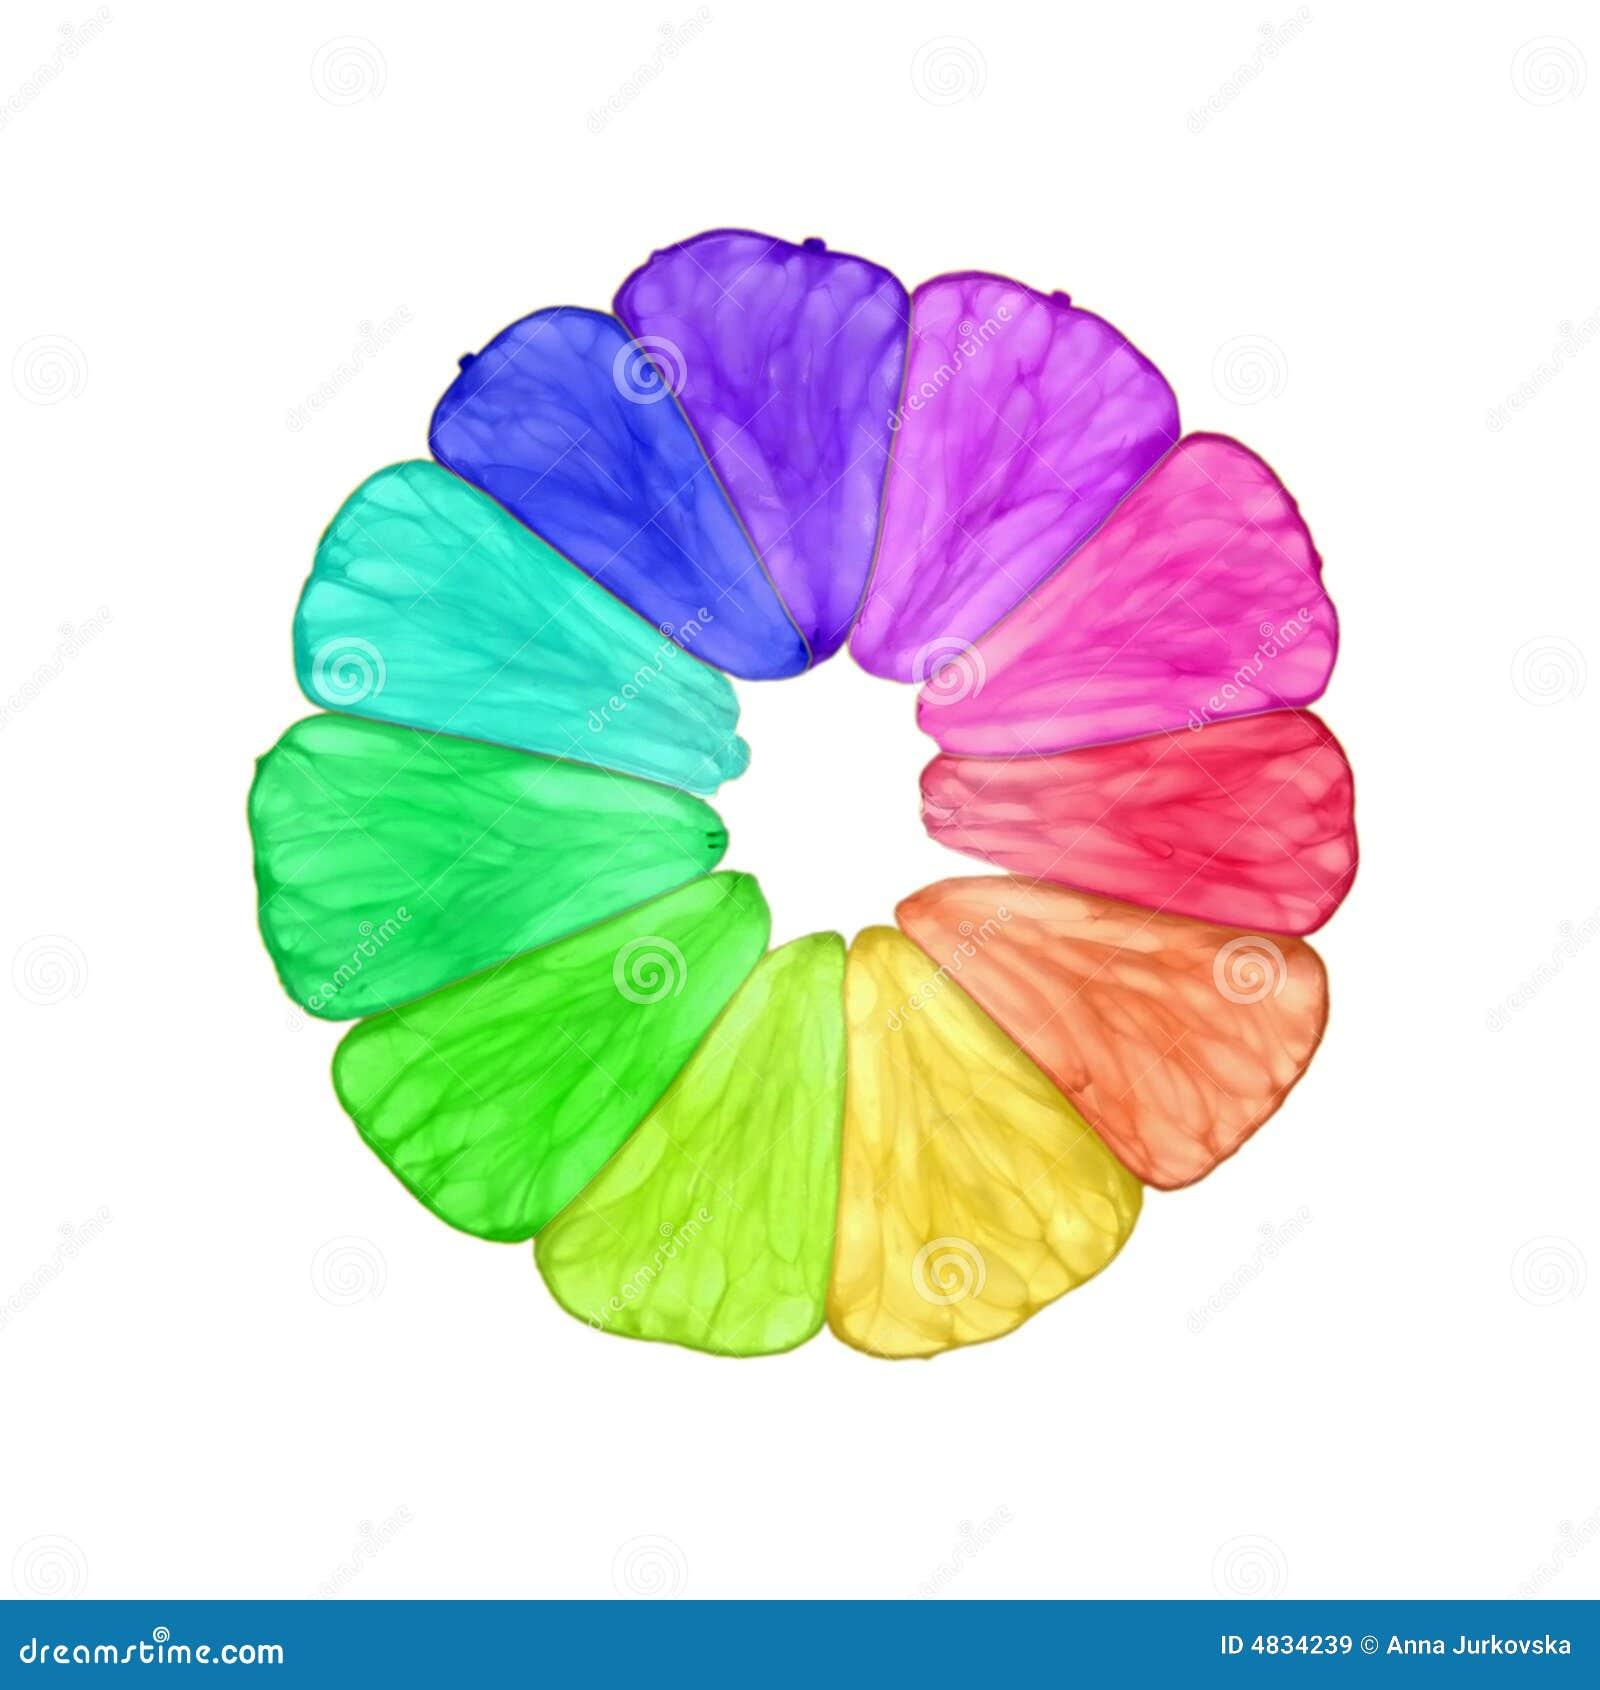 De sukade van de regenboog